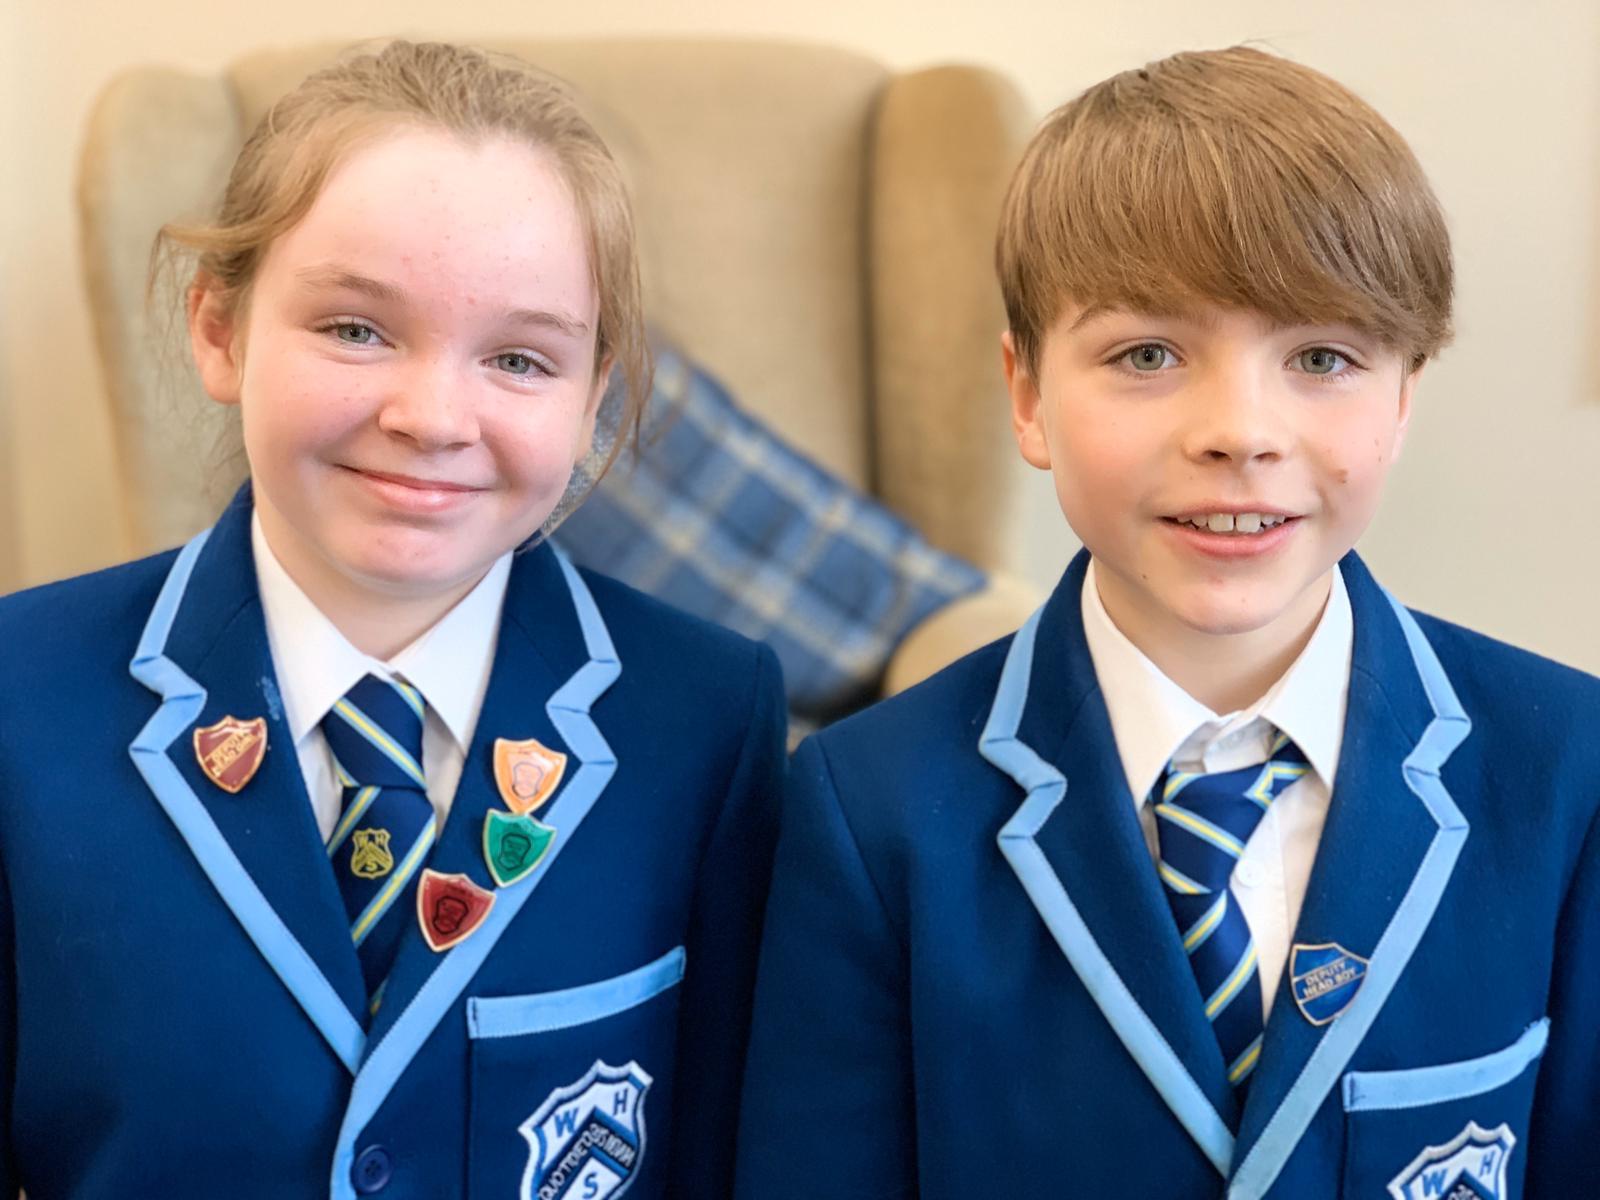 Westville House School Deputy Head Boy and Girl 2019/20